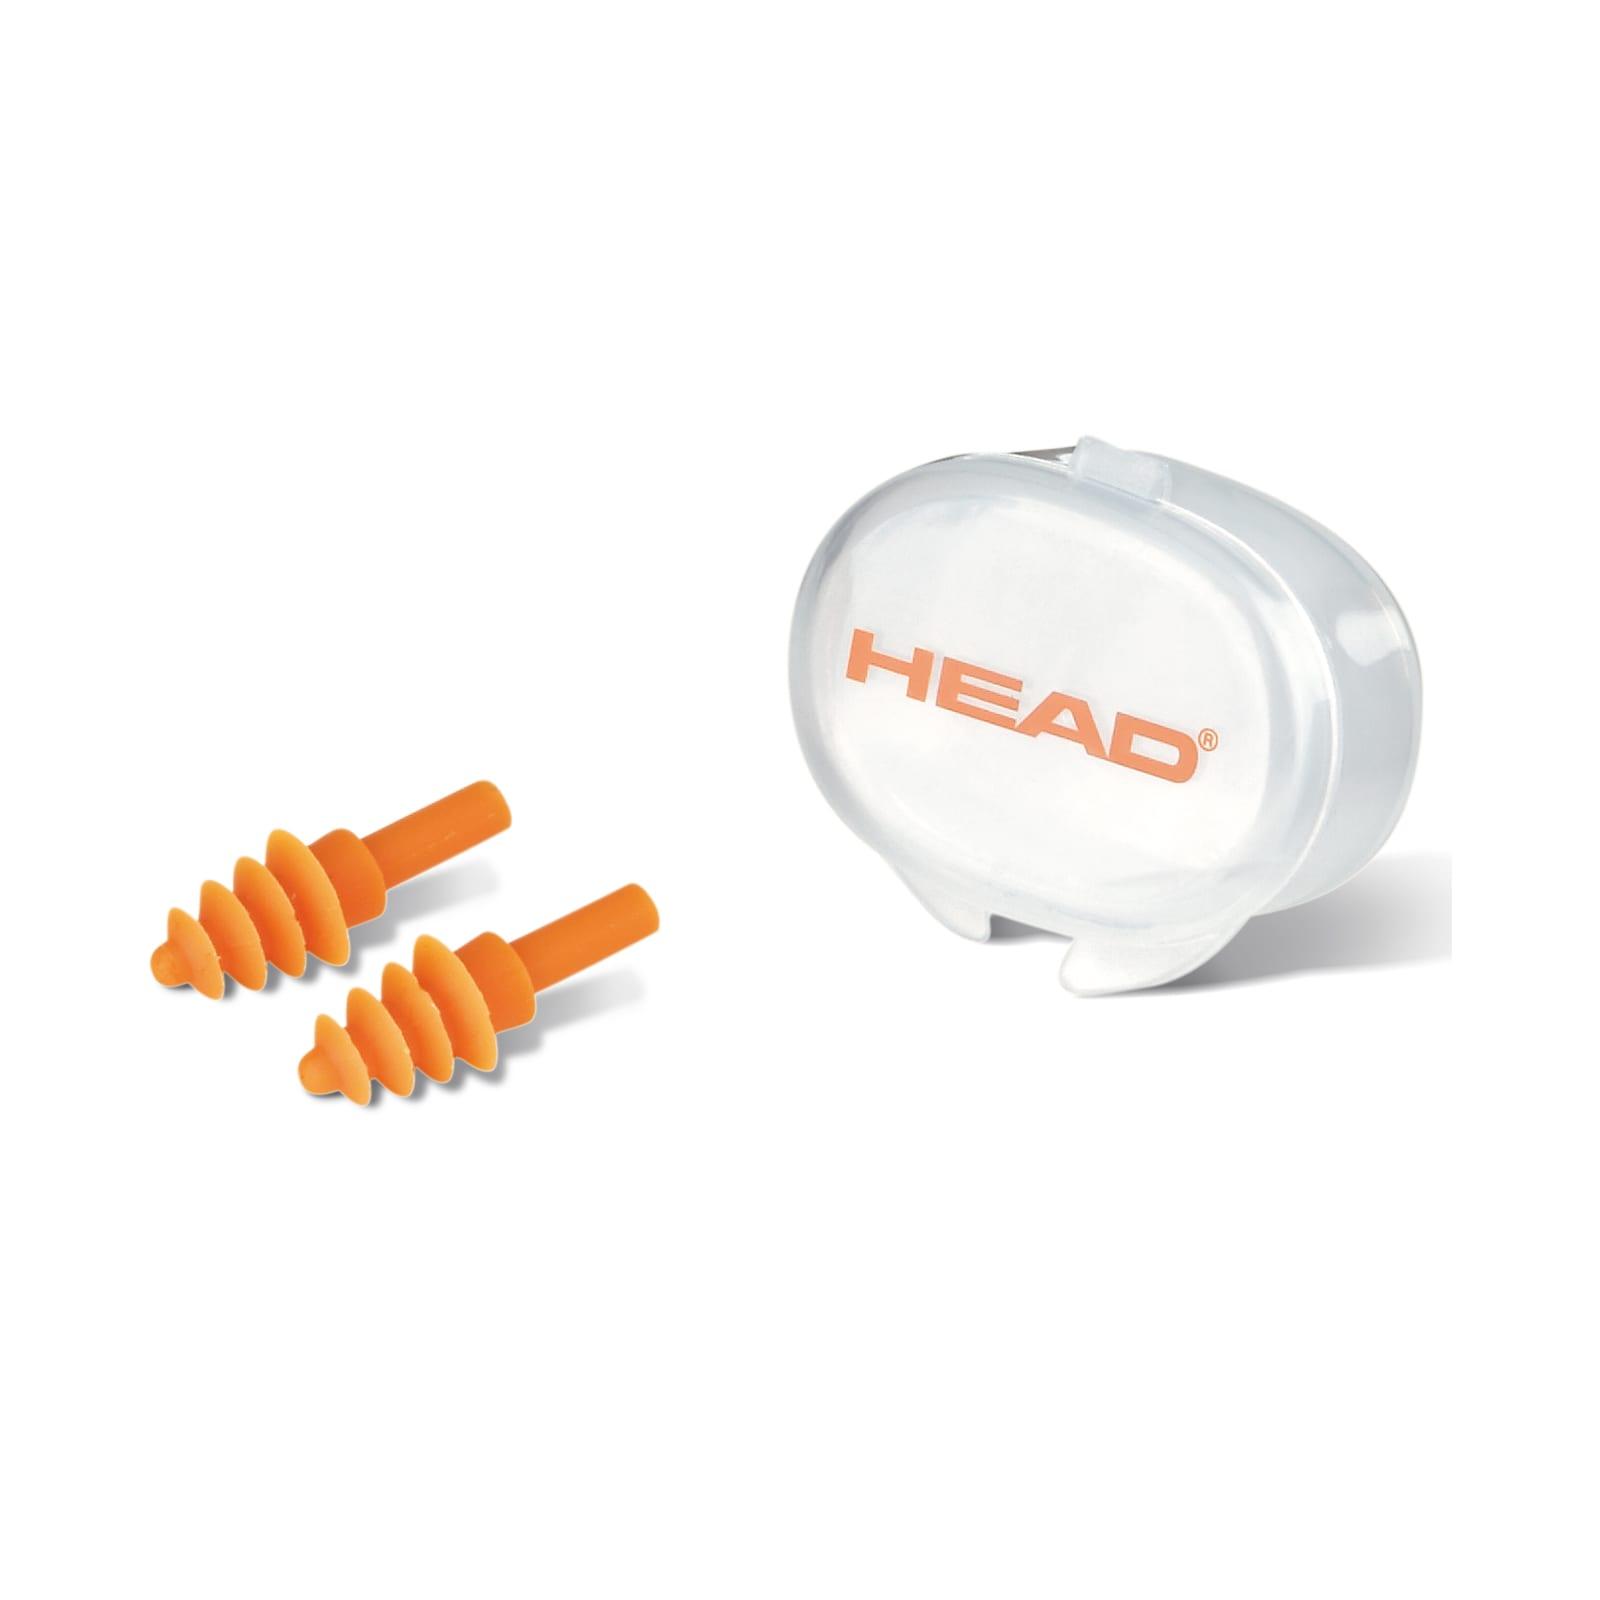 881ef7a3f ear plug silicone finns på PricePi.com.